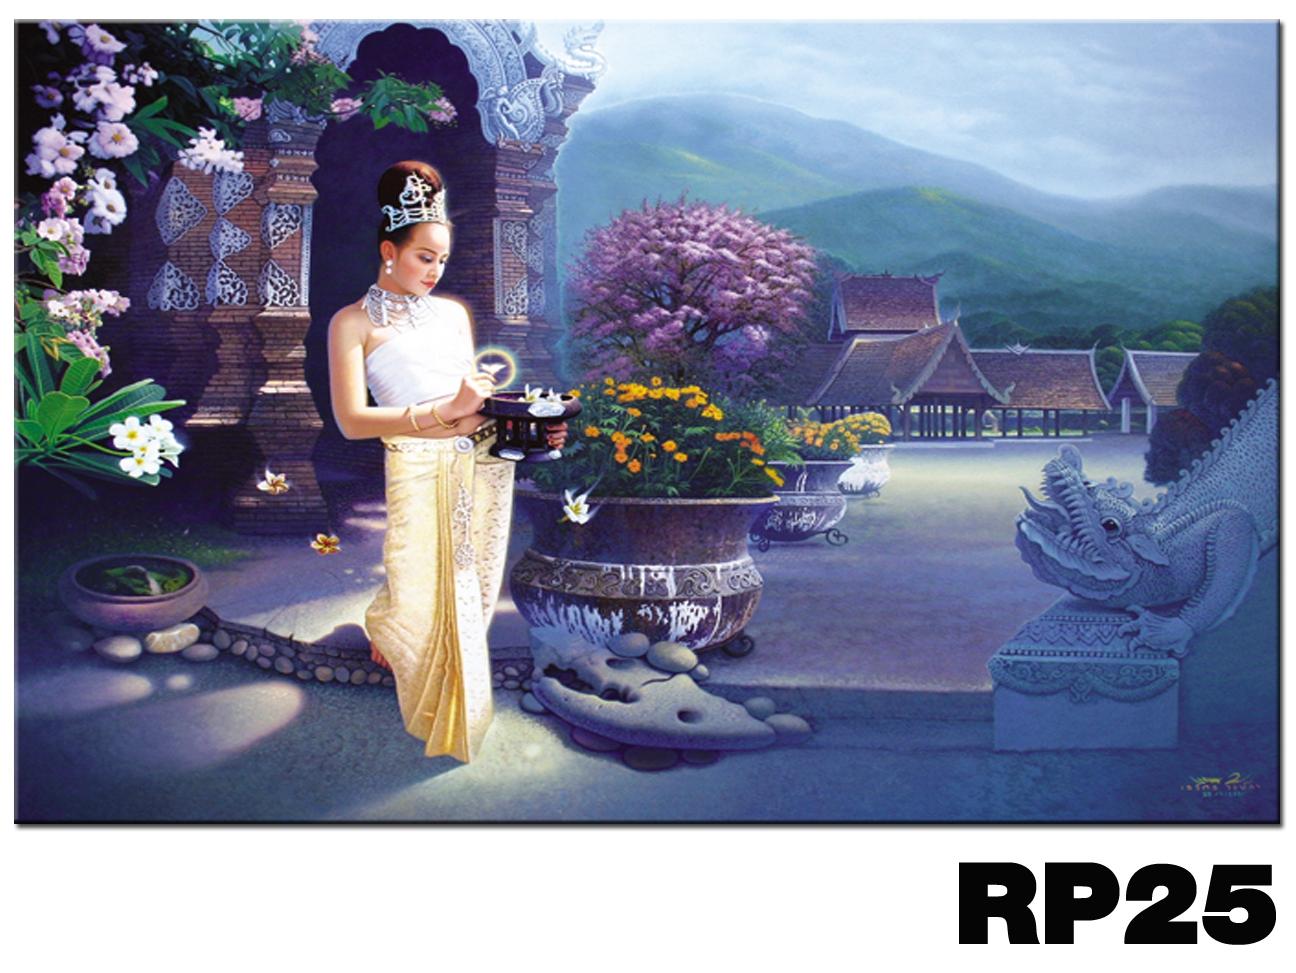 ภาพสำหรับประดับตกแต่งบ้าน ร้านสปา คอนโด โรงแรม รีสอร์ท RP -25